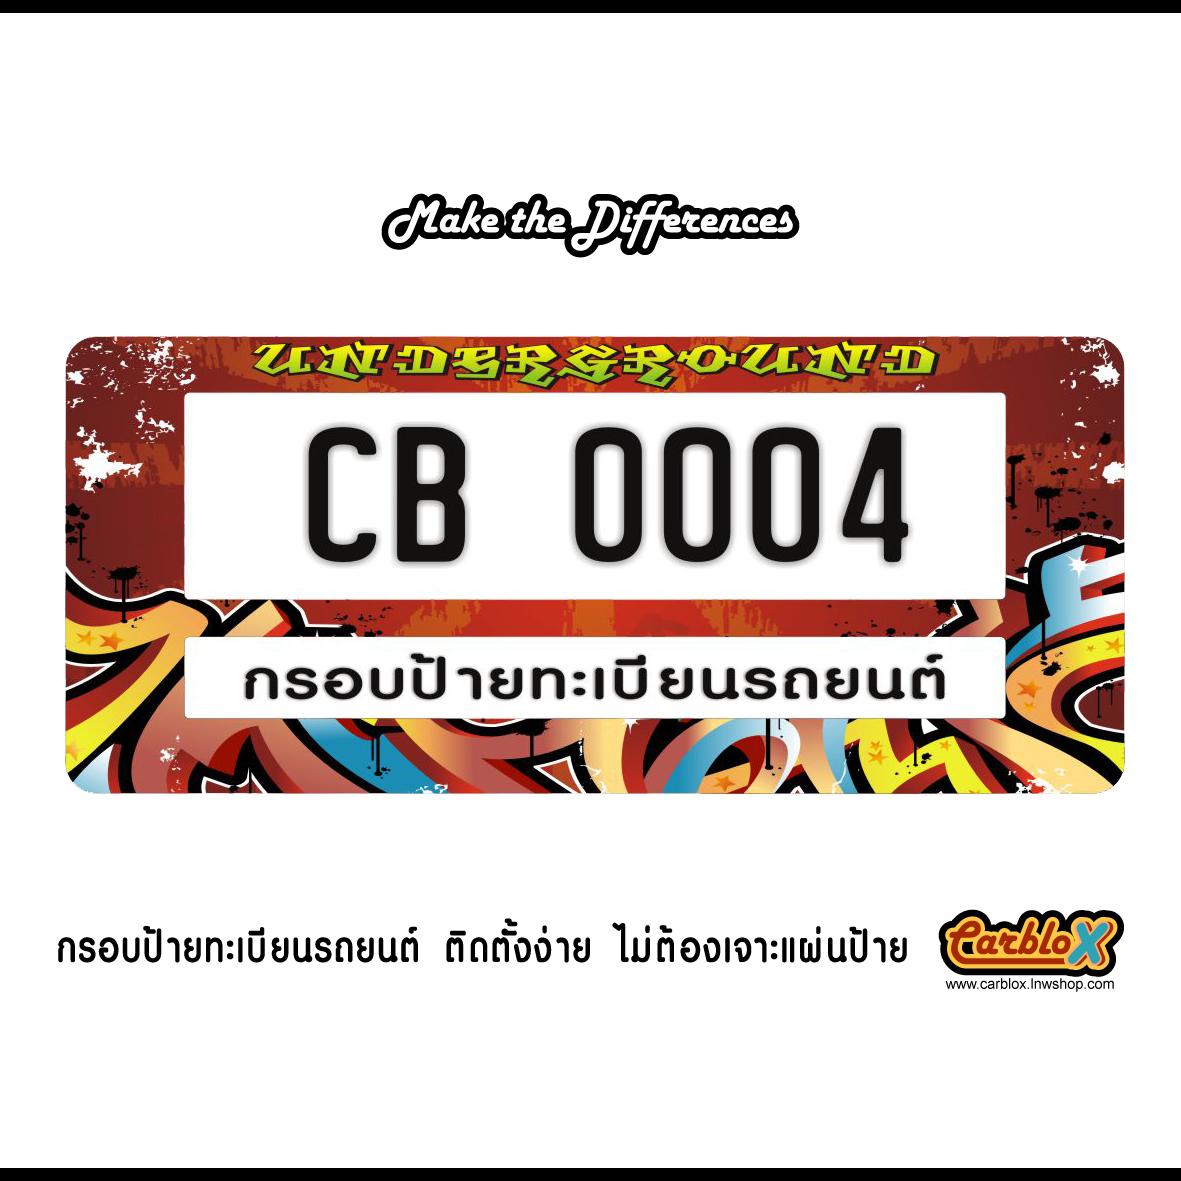 กรอบป้ายทะเบียนรถยนต์ CARBLOX ระหัส CB 0004 ลายกราฟฟิตี้ GRAFFITI.